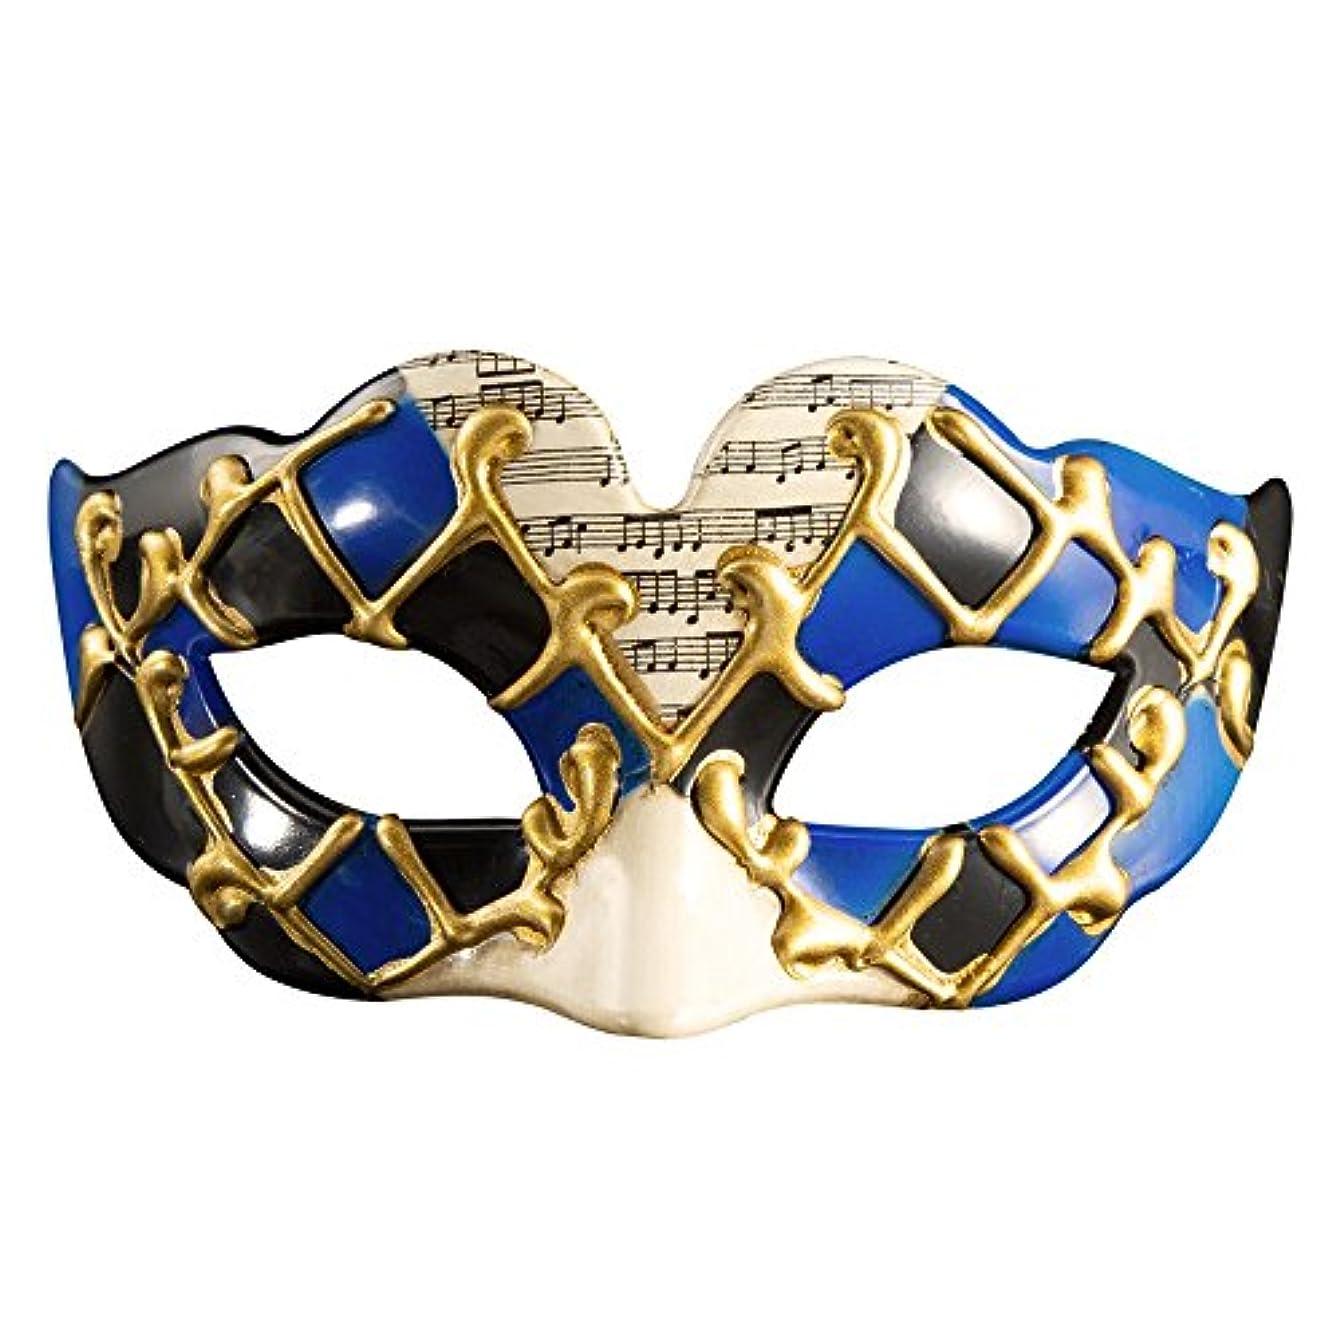 信じられない強制的取るに足らないクリエイティブ子供の半分の顔ハロウィーンマスクパーティー新しいファンシードレスボールマスク (Color : A)